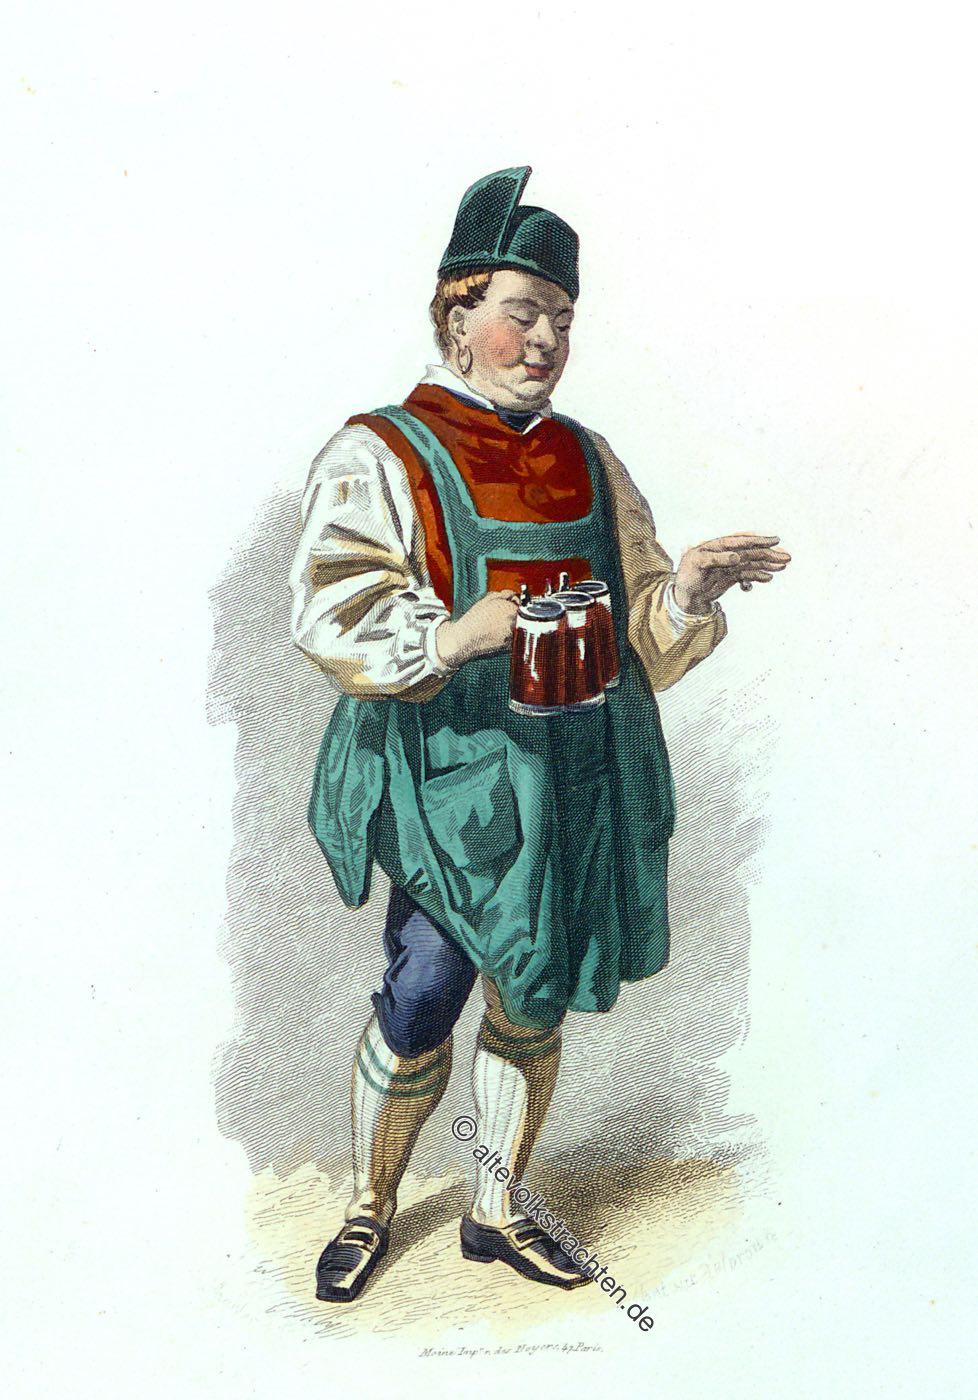 Gastwirt, Miesbach, Auberciste , costume, Trachten, Baviere, Allemagne